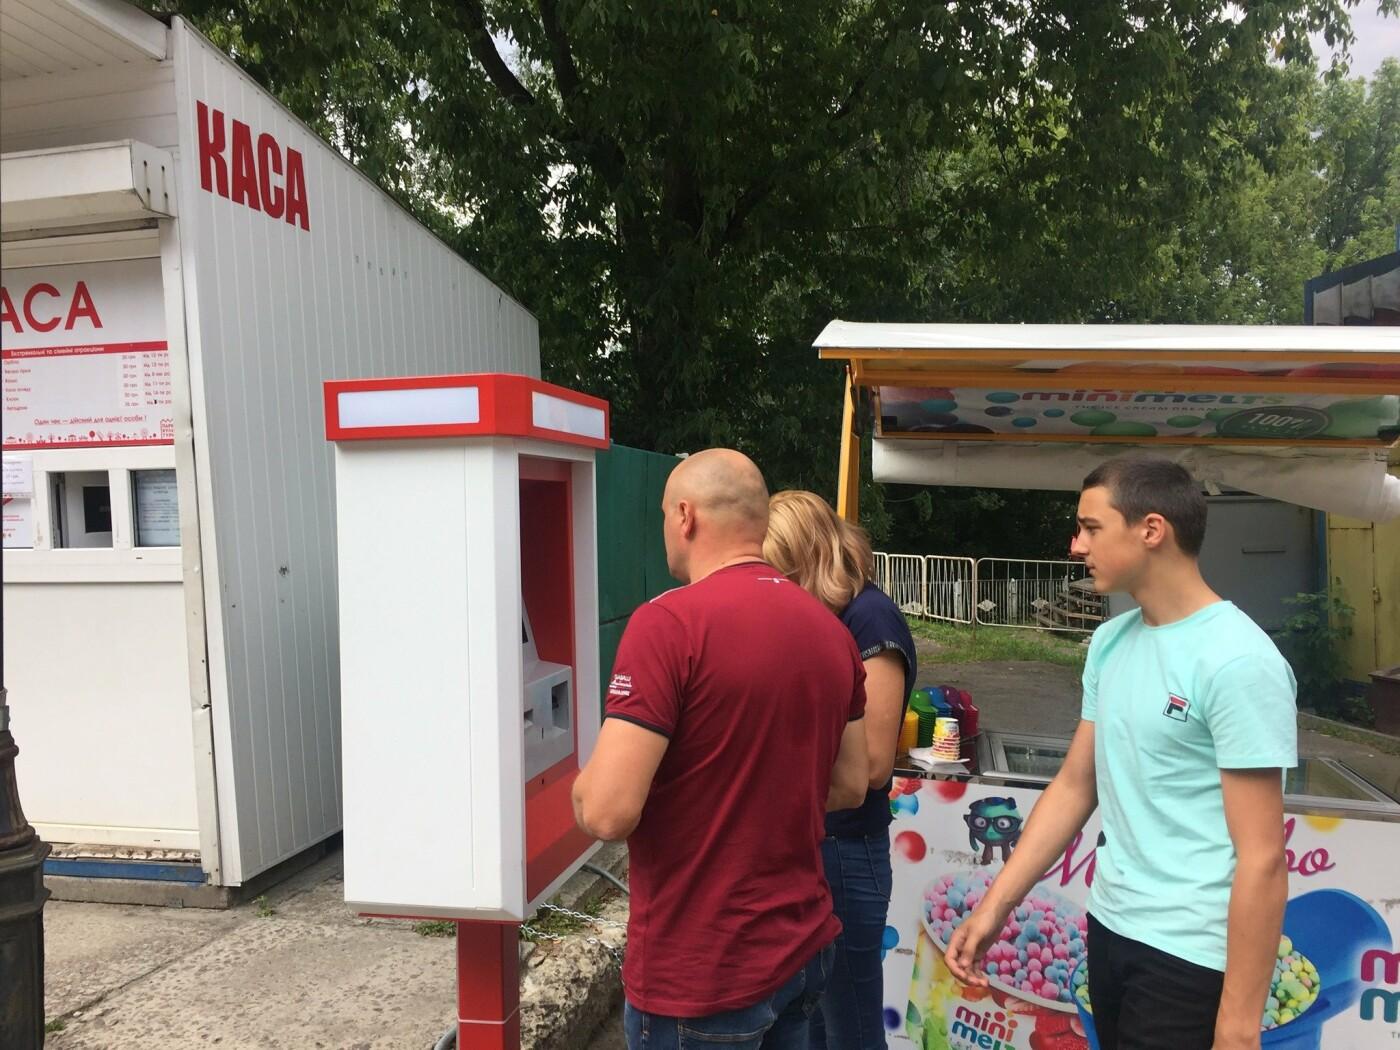 У Львові у Парку культури встановили термінал для купівлі квитків, фото-2